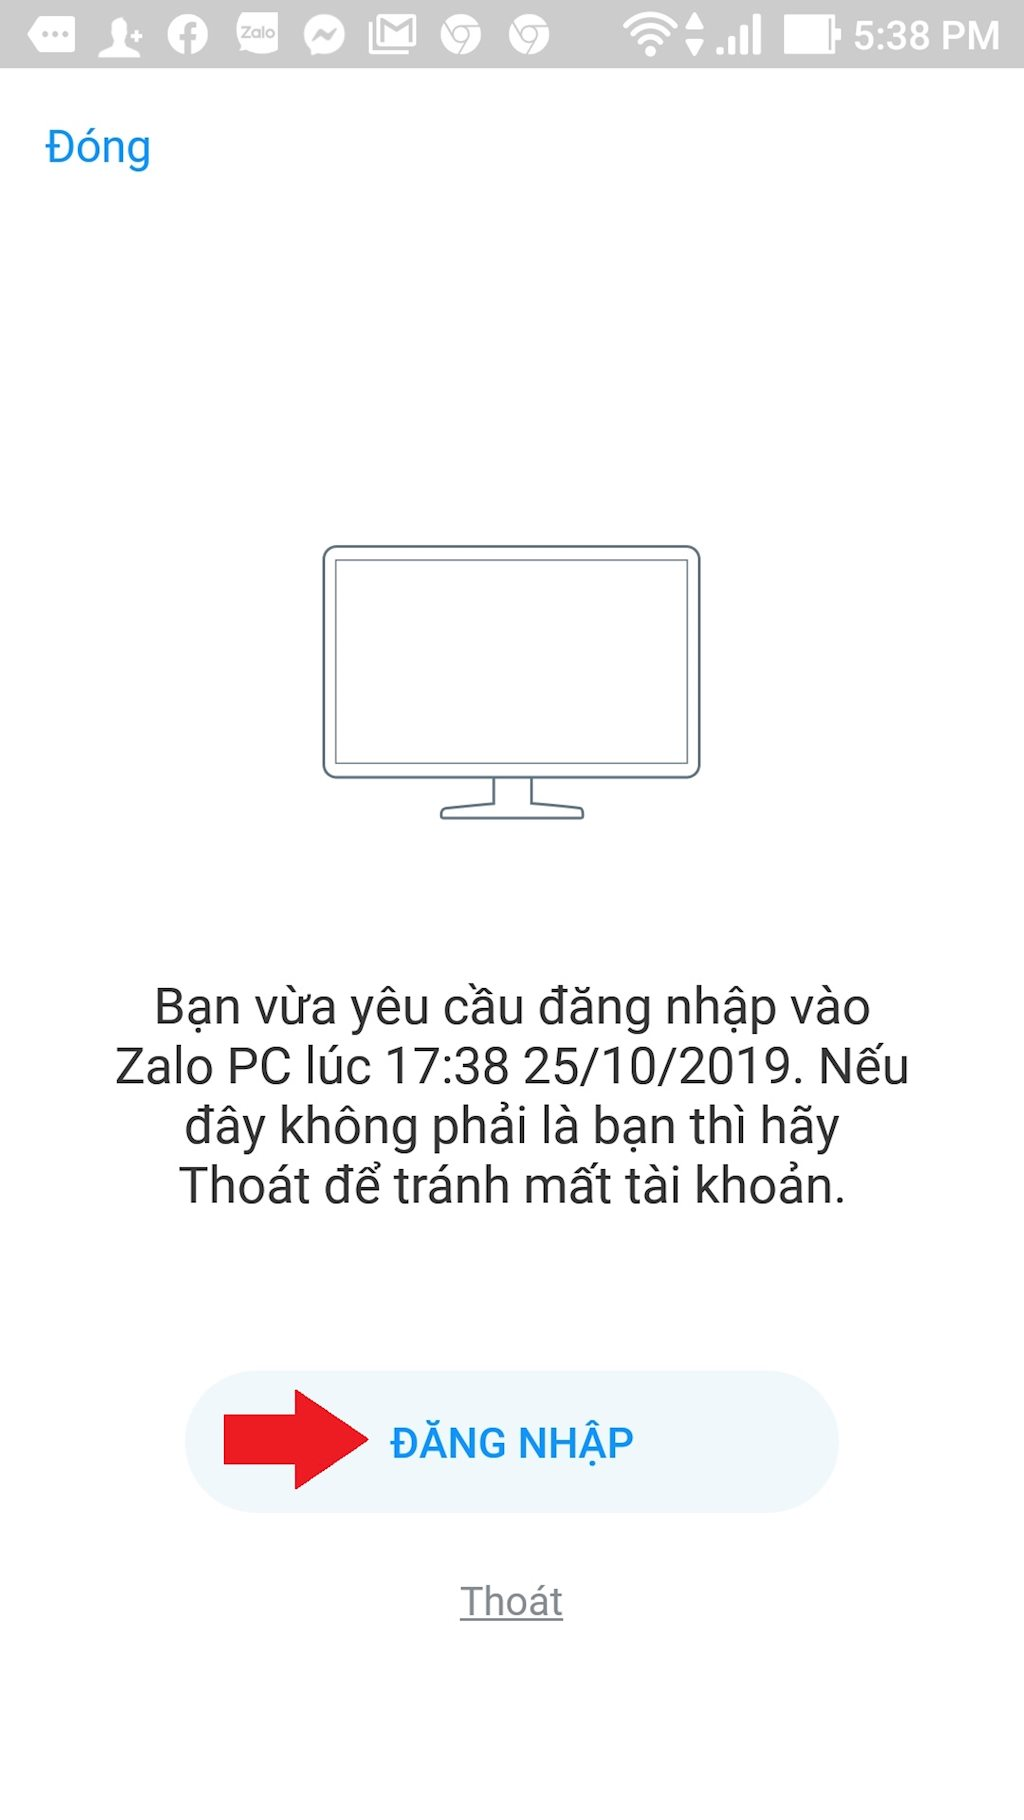 e3-huong-dan-dang-nhap-zalo-tren-may-tinh-bang-qr-code-cach-dang-nhap-zalo-bang-ma-qr-tren-pc-may-tinh.jpg